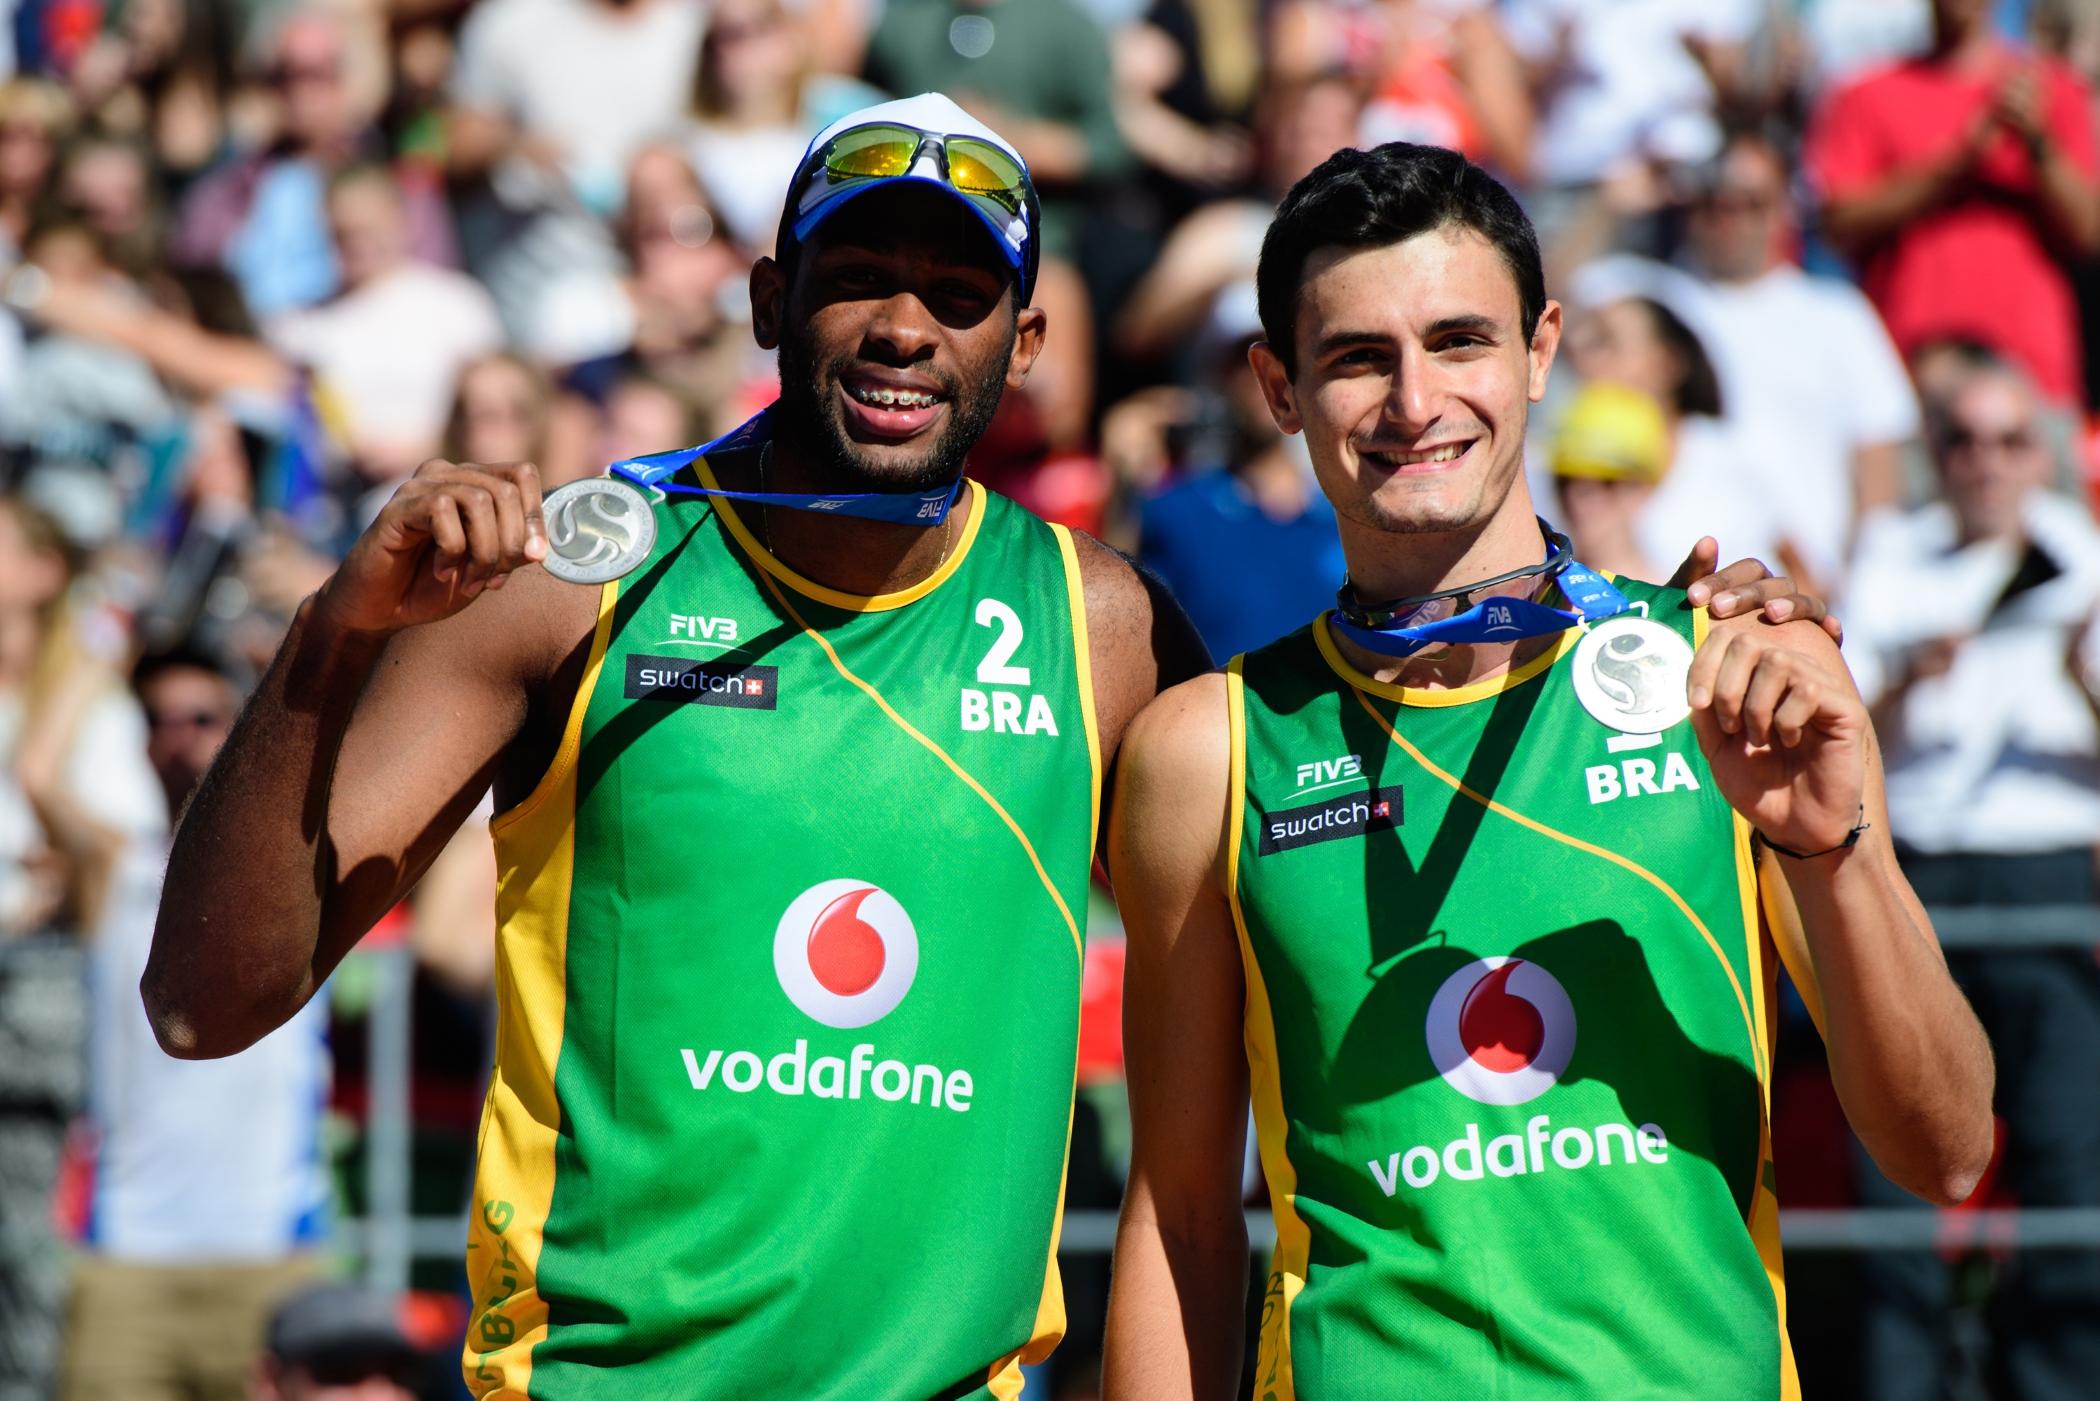 Evandro e André ficam com a medalha de prata no Finals, em Hamburgo